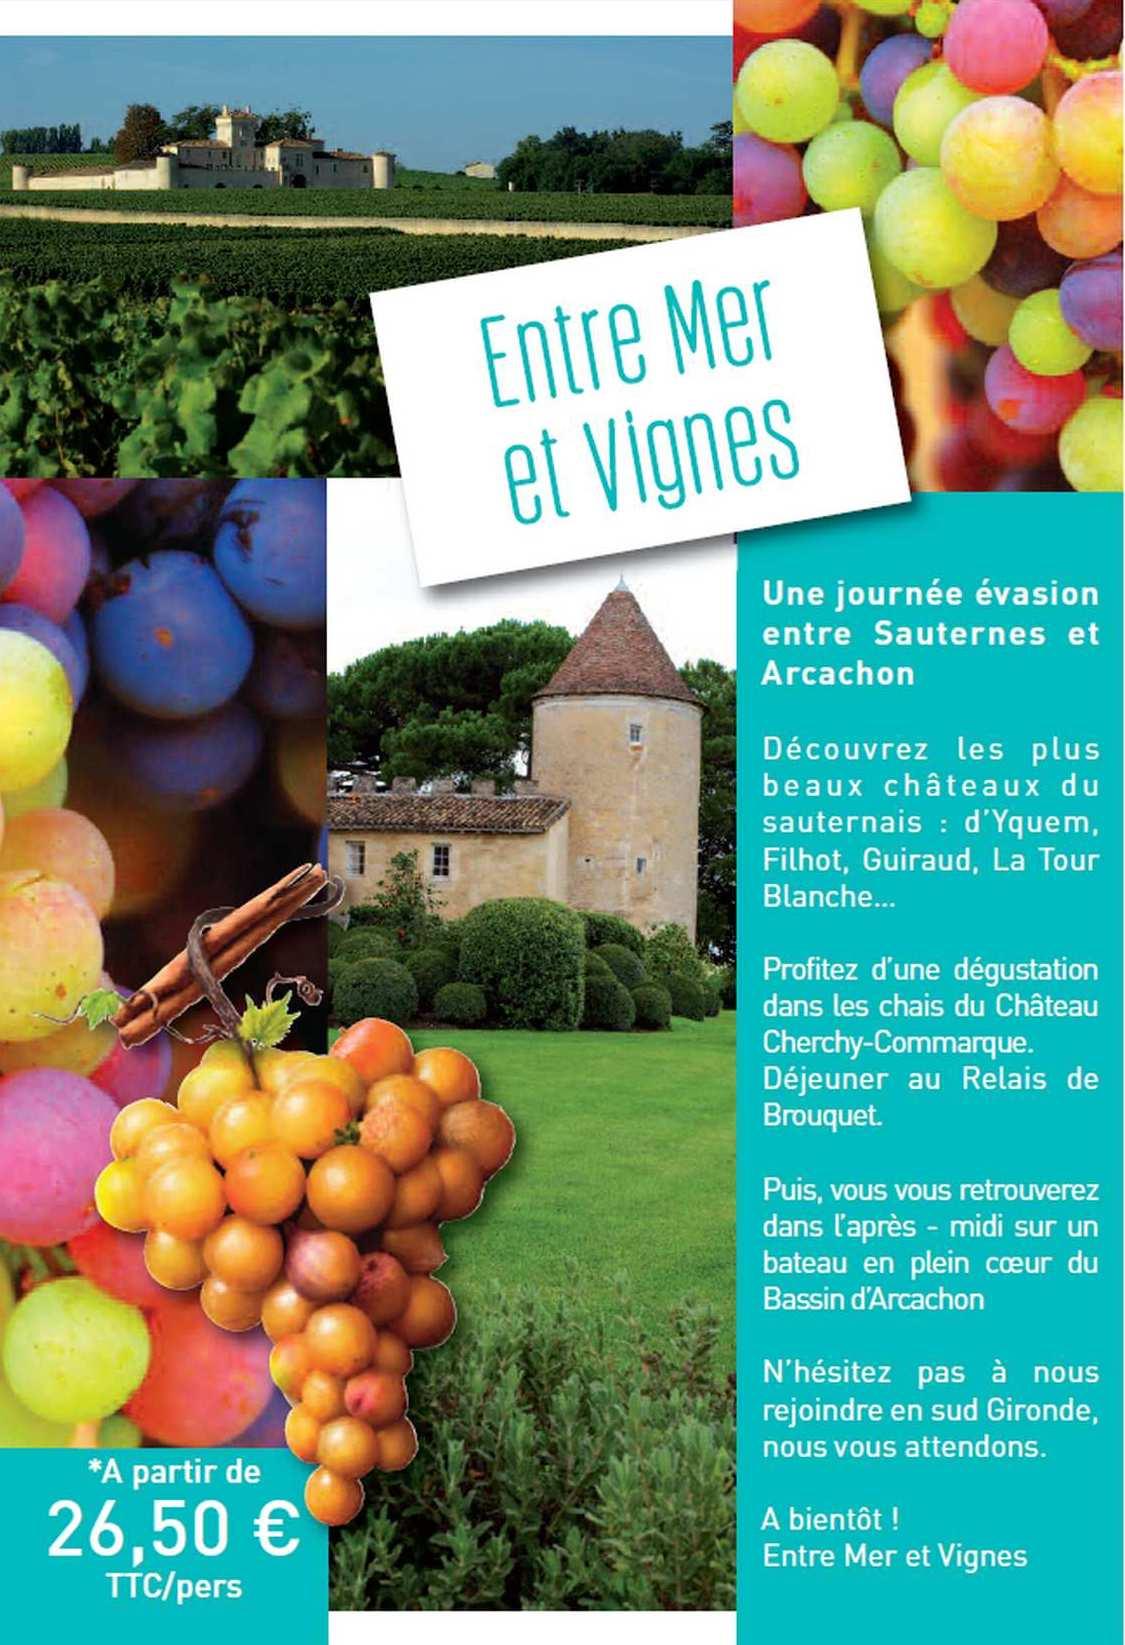 sauternes-tourisme-cherchy-commarque-entre-mer-et-vignes-2.jpg